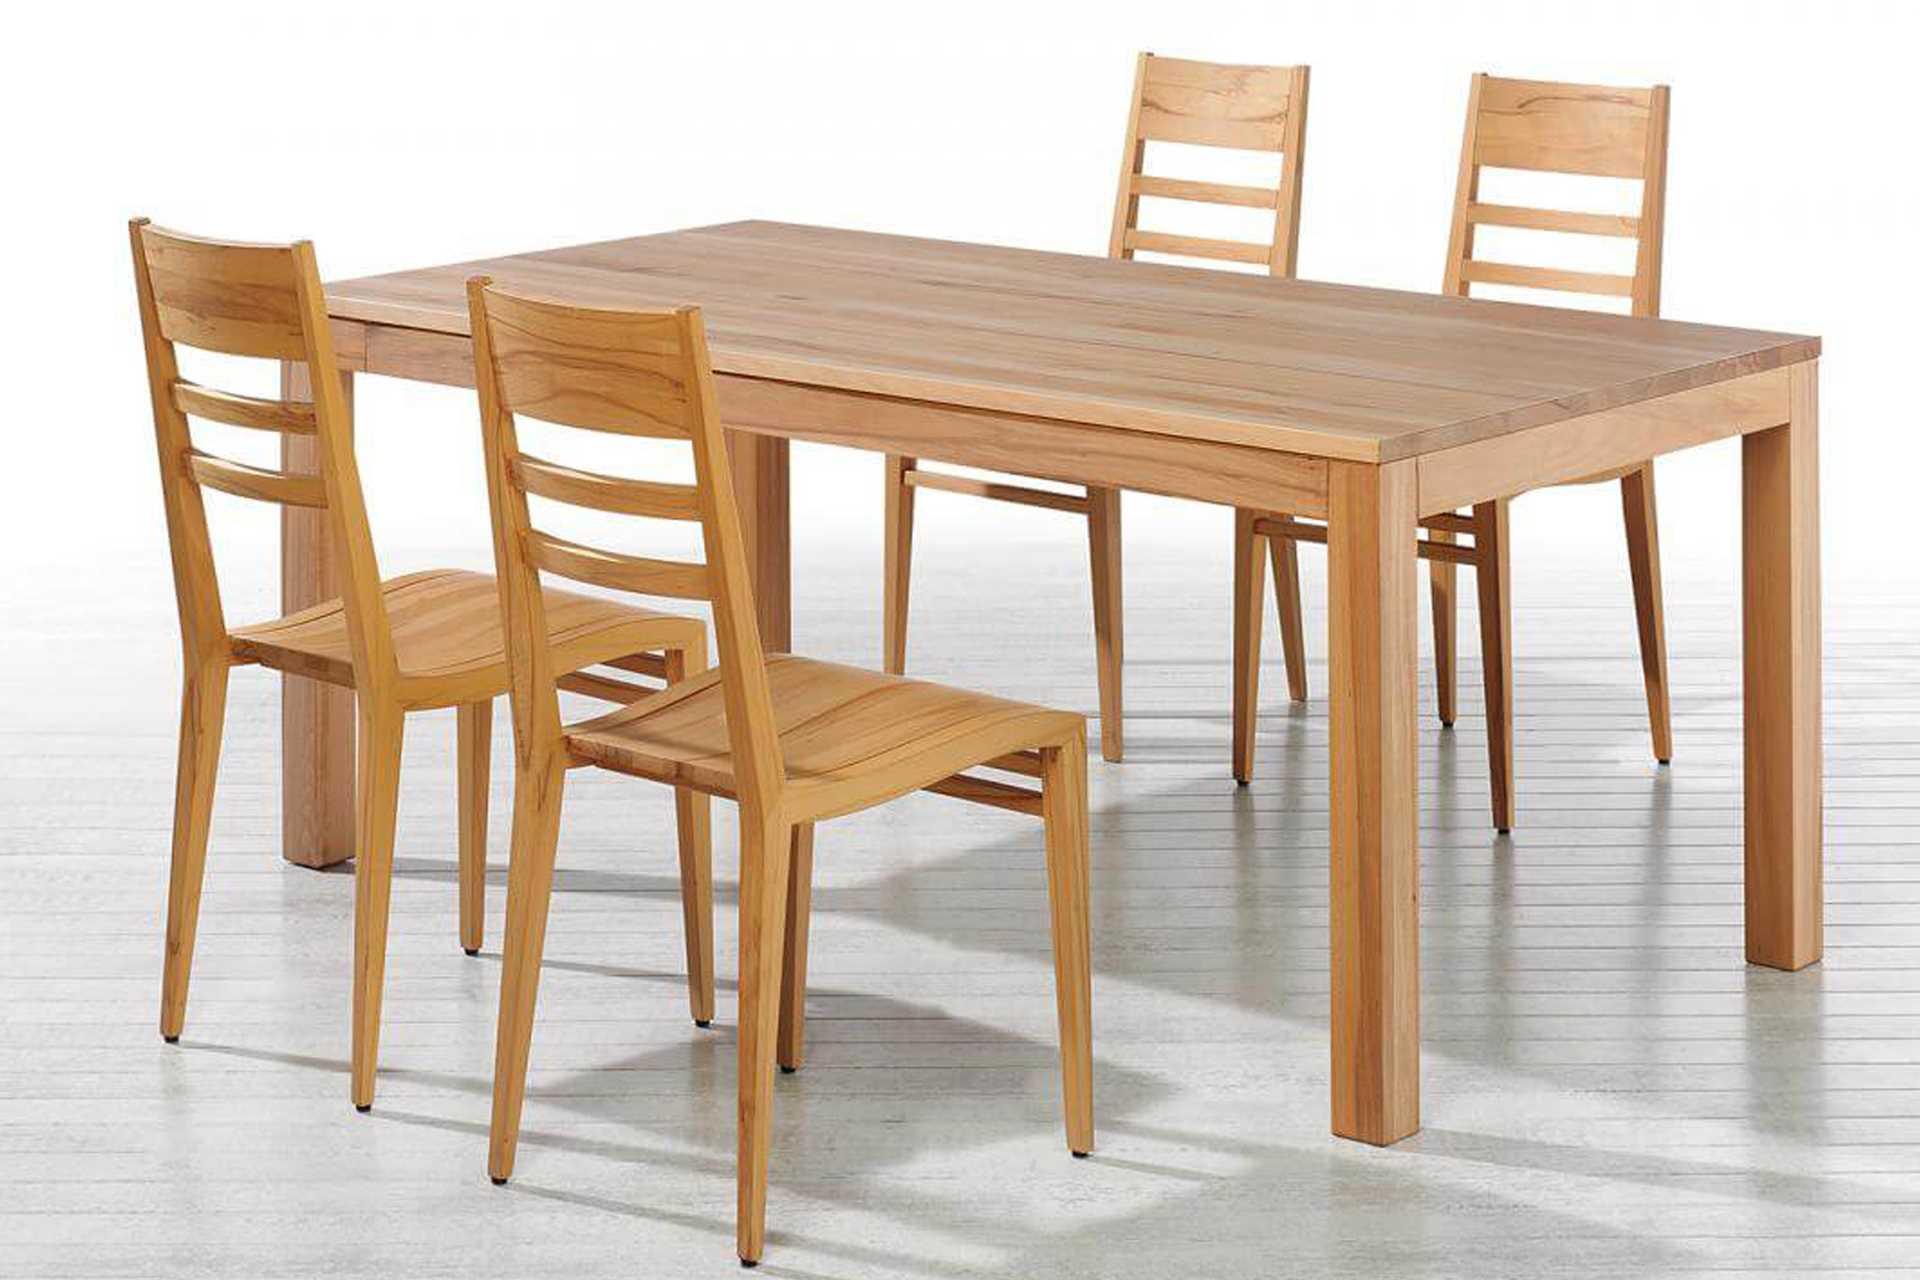 Holzstühle Contra 1 ohne Armlehnen